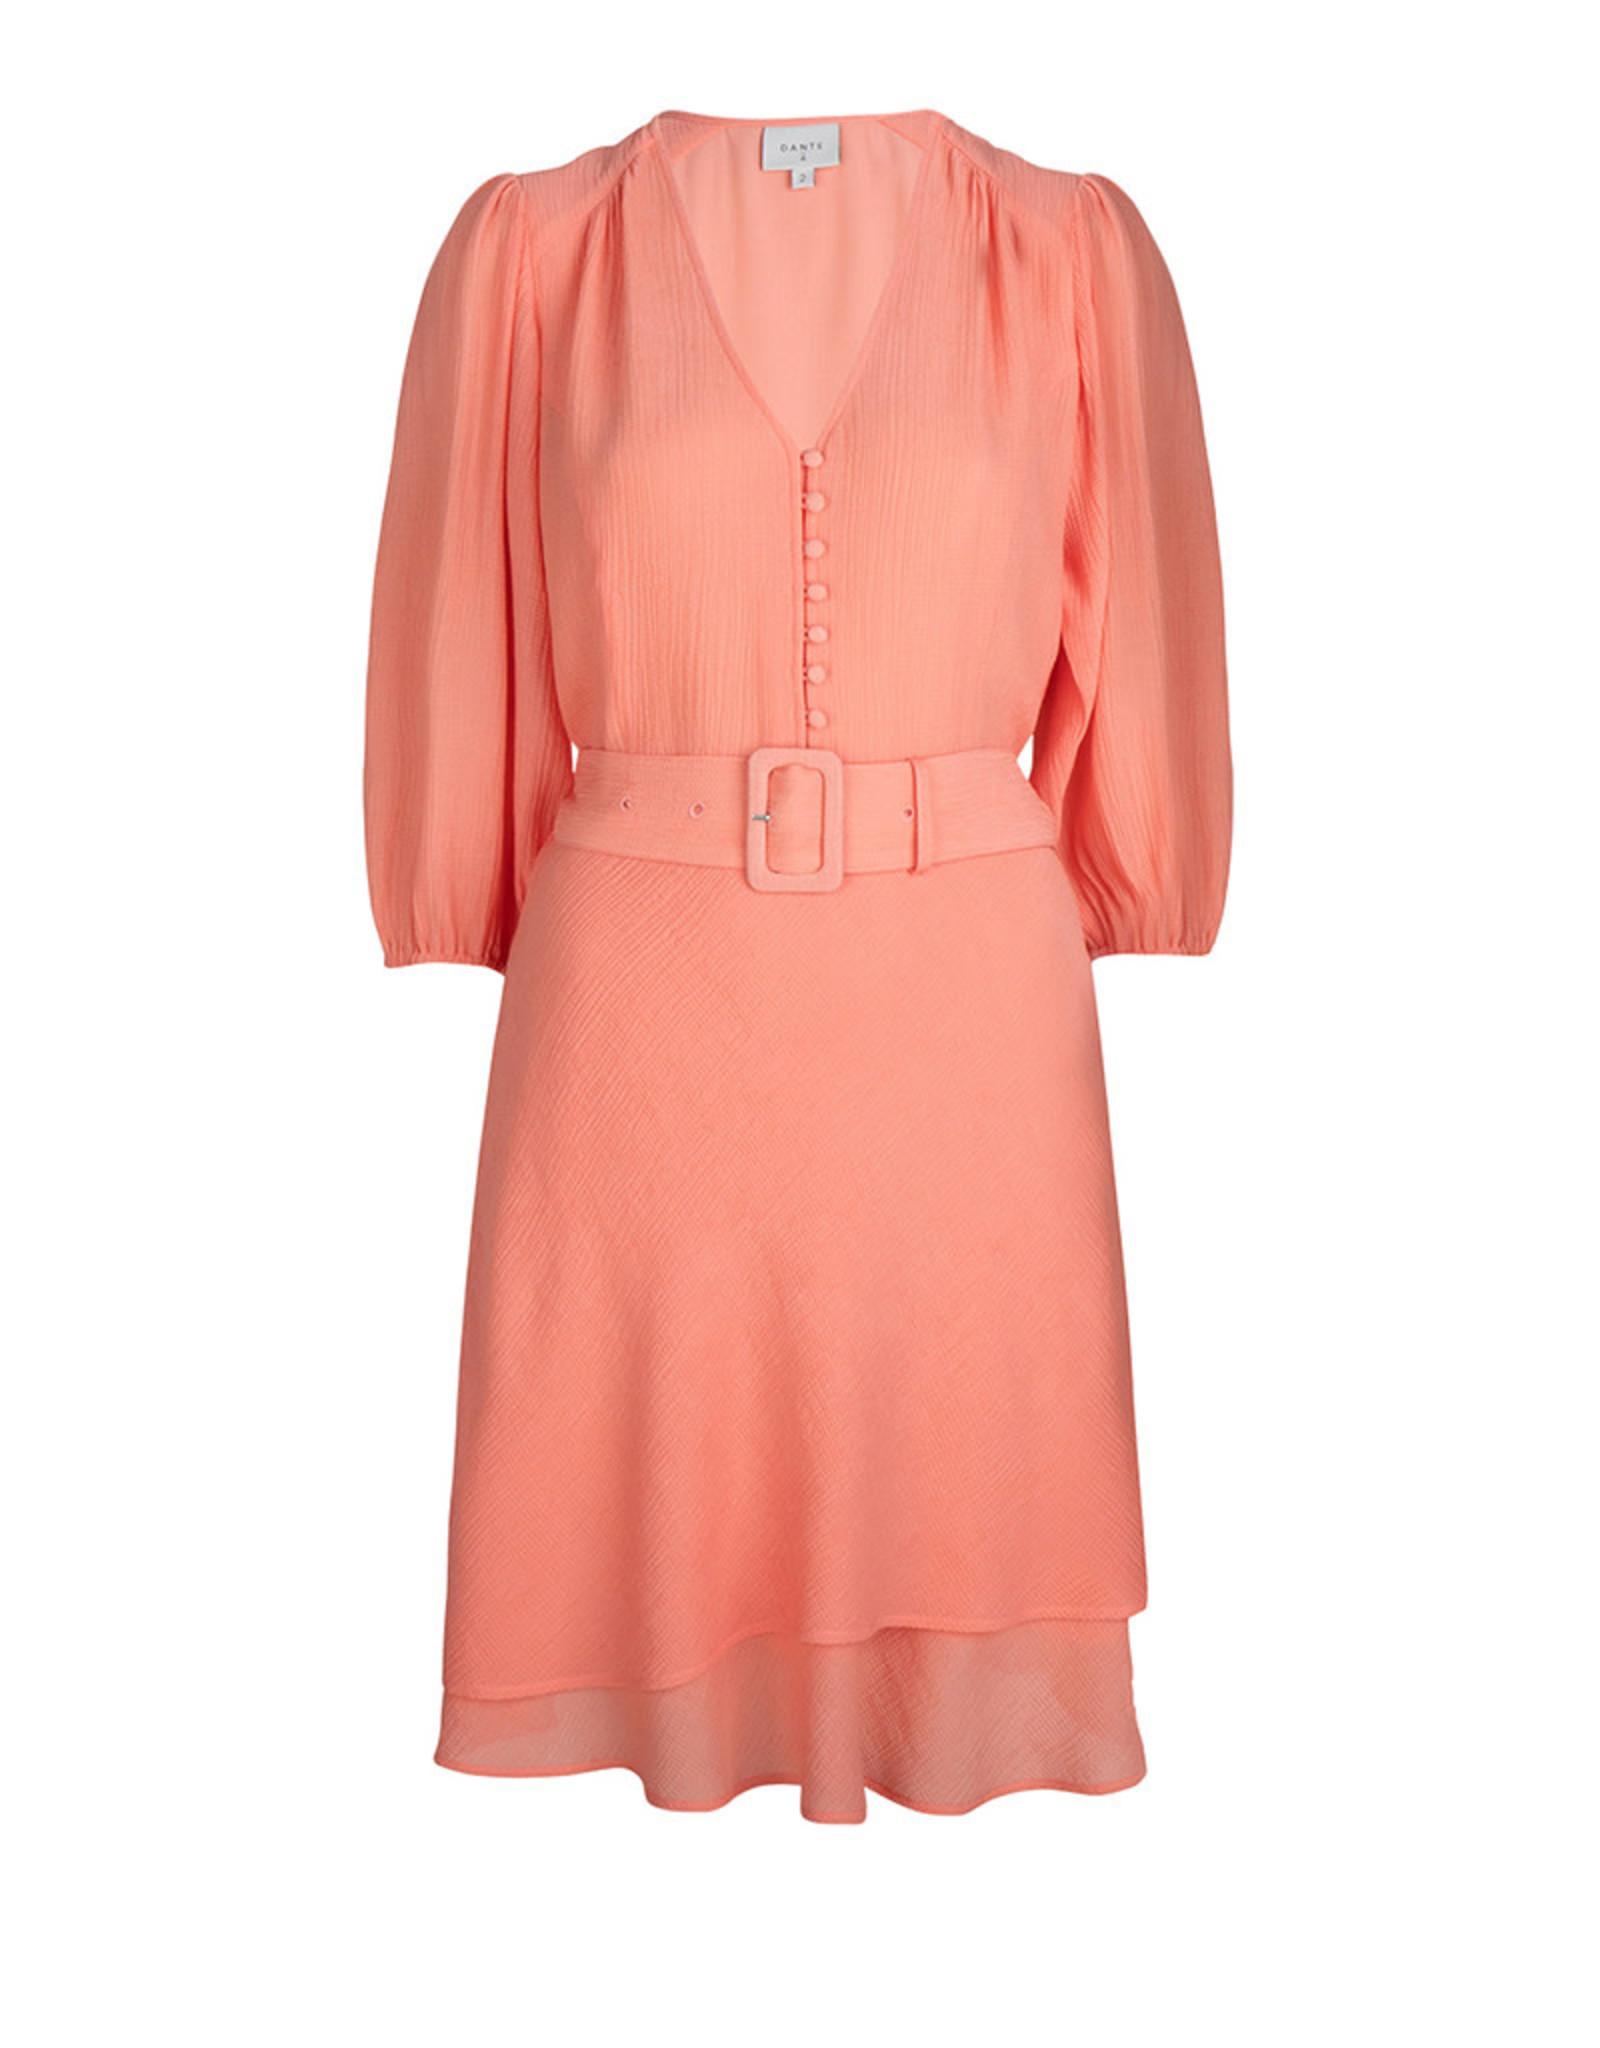 dante6 Bellem dress